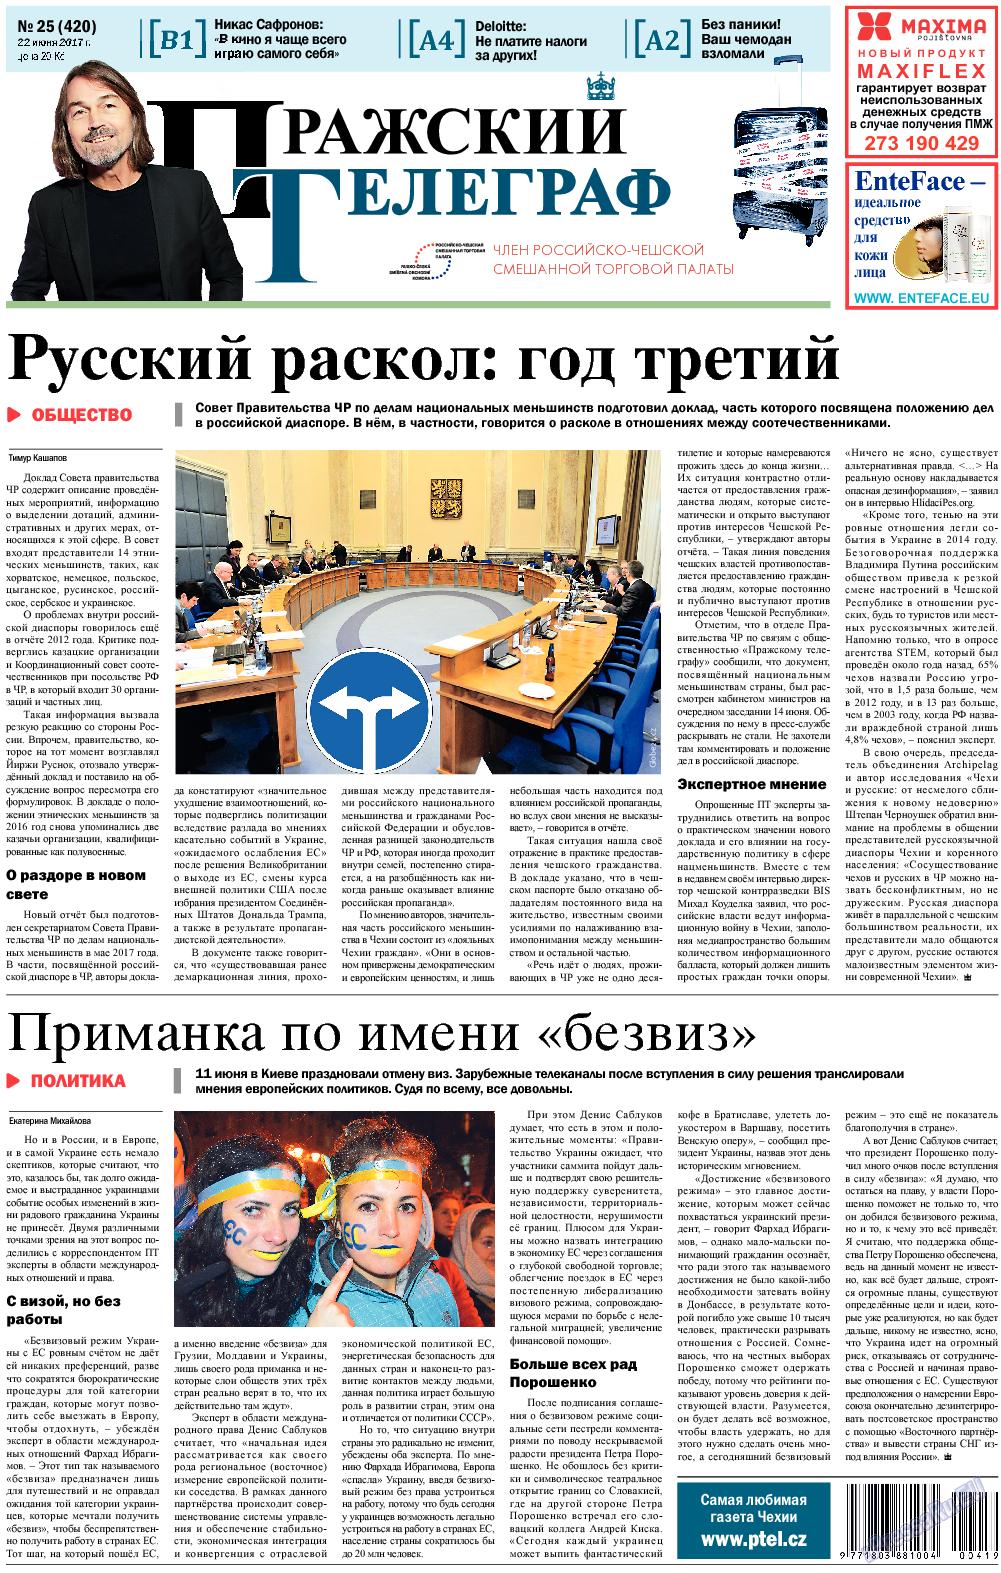 Пражский телеграф (газета). 2017 год, номер 25, стр. 1